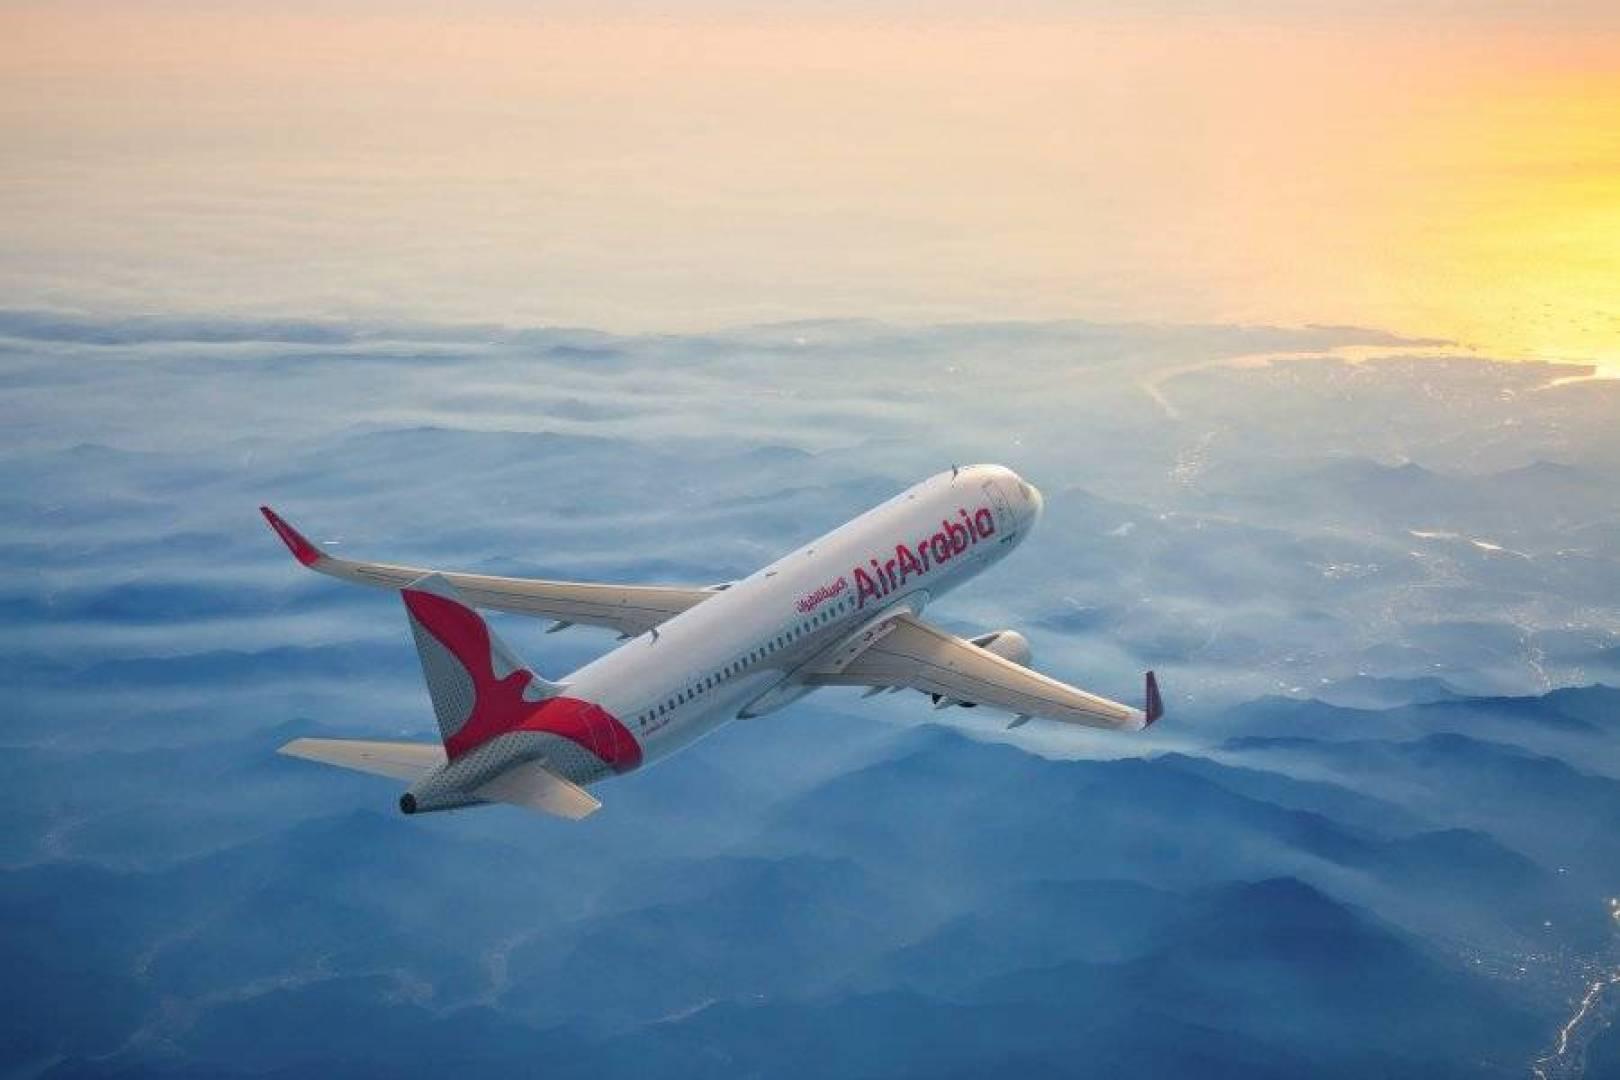 «العربية للطيران أبوظبي» تبدأ عملياتها بتسيير رحلات إلى مصر